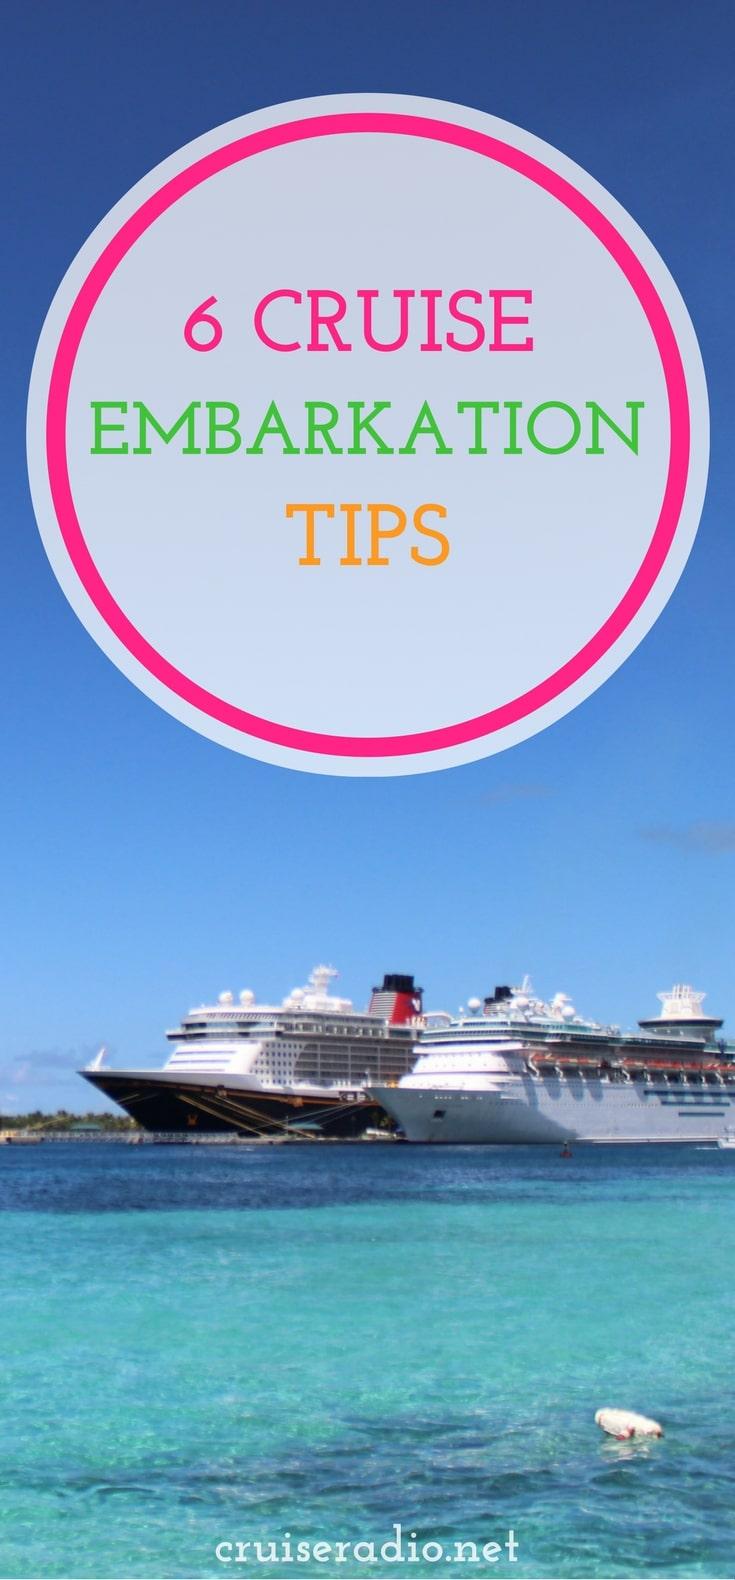 #embarkation #cruise #travel #vacation #cruising #traveltips